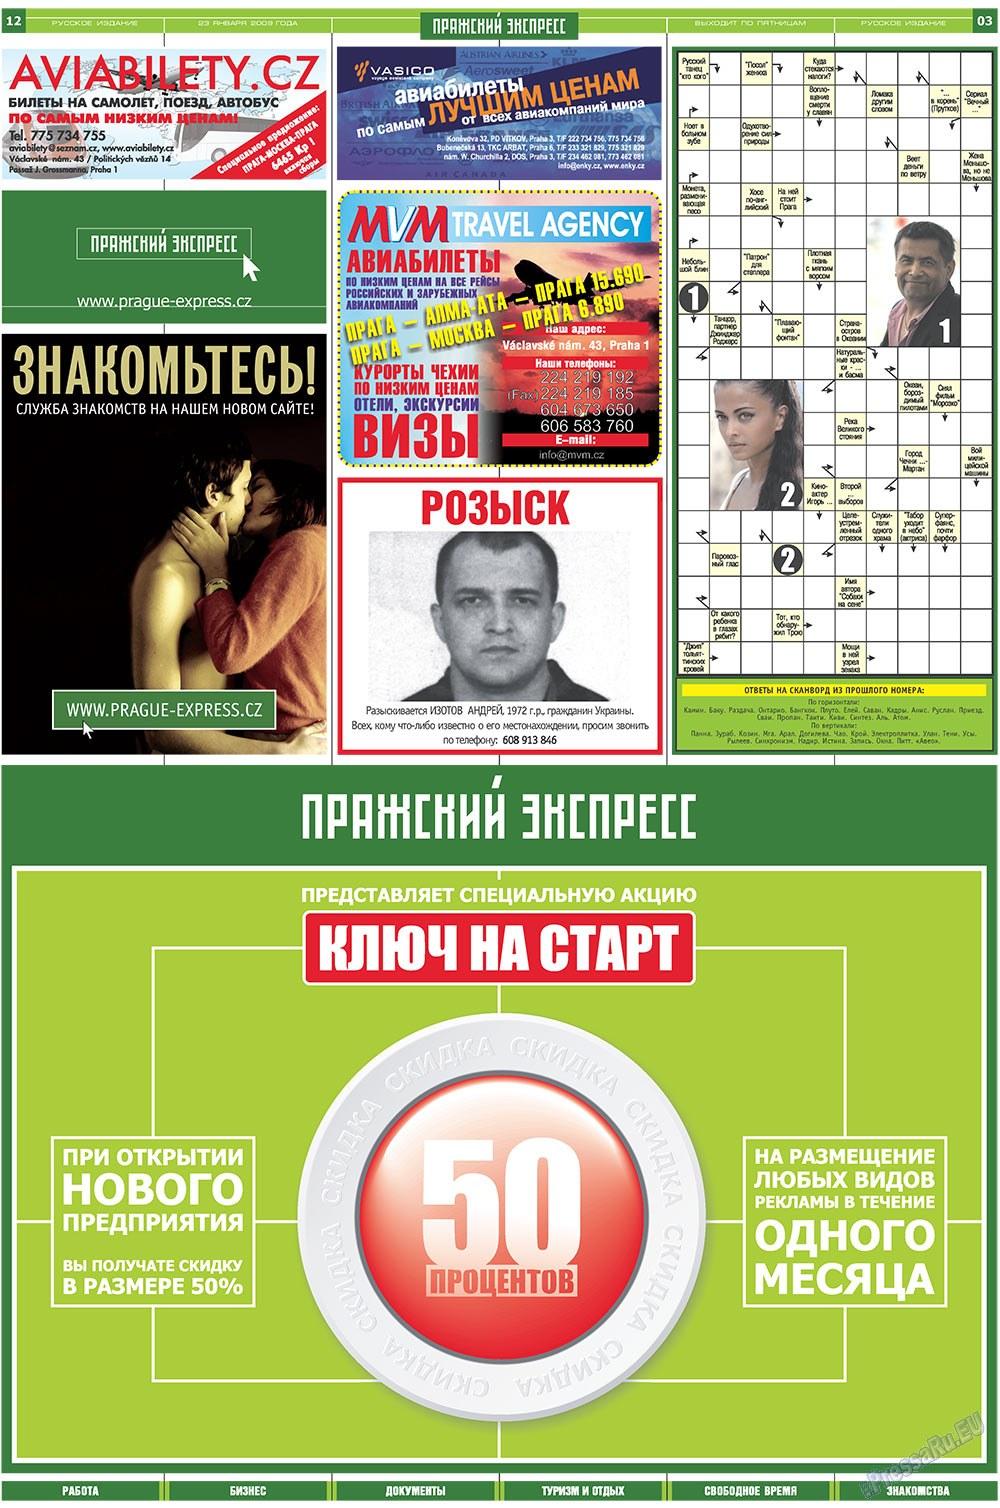 Пражский экспресс (газета). 2009 год, номер 3, стр. 12